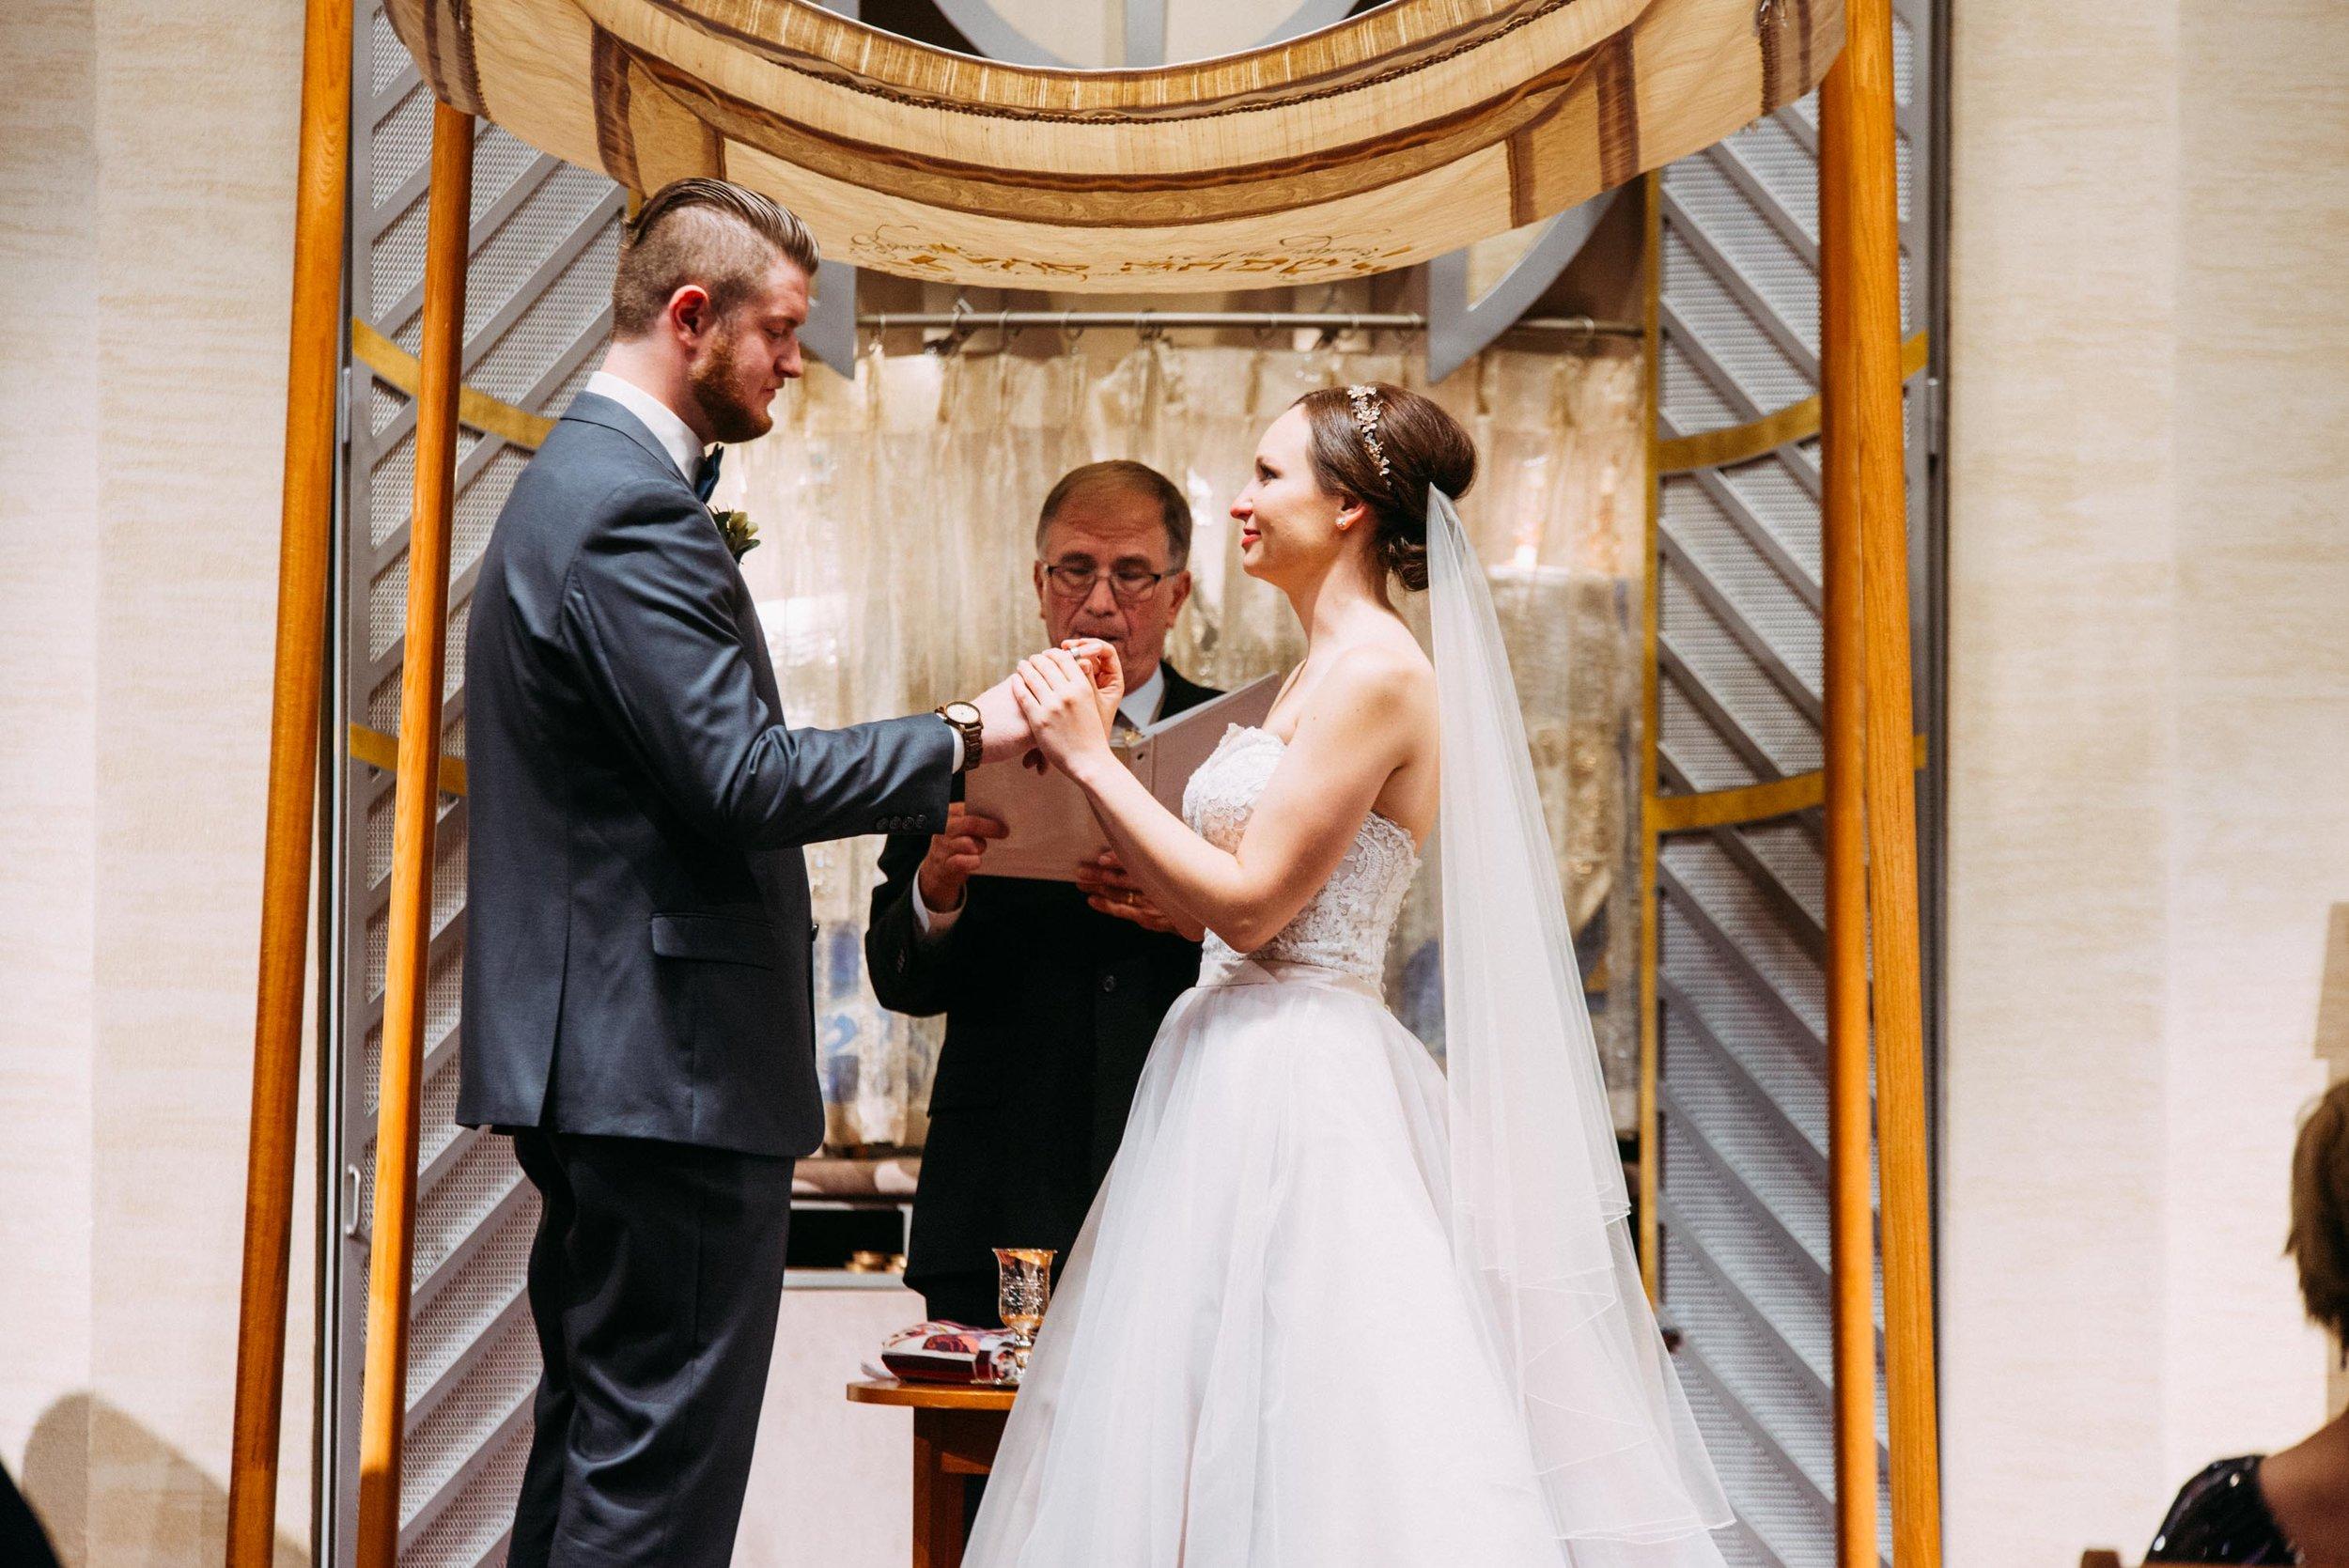 39-Sara_Tom_Minneapolis_Jewish_Wedding.jpg